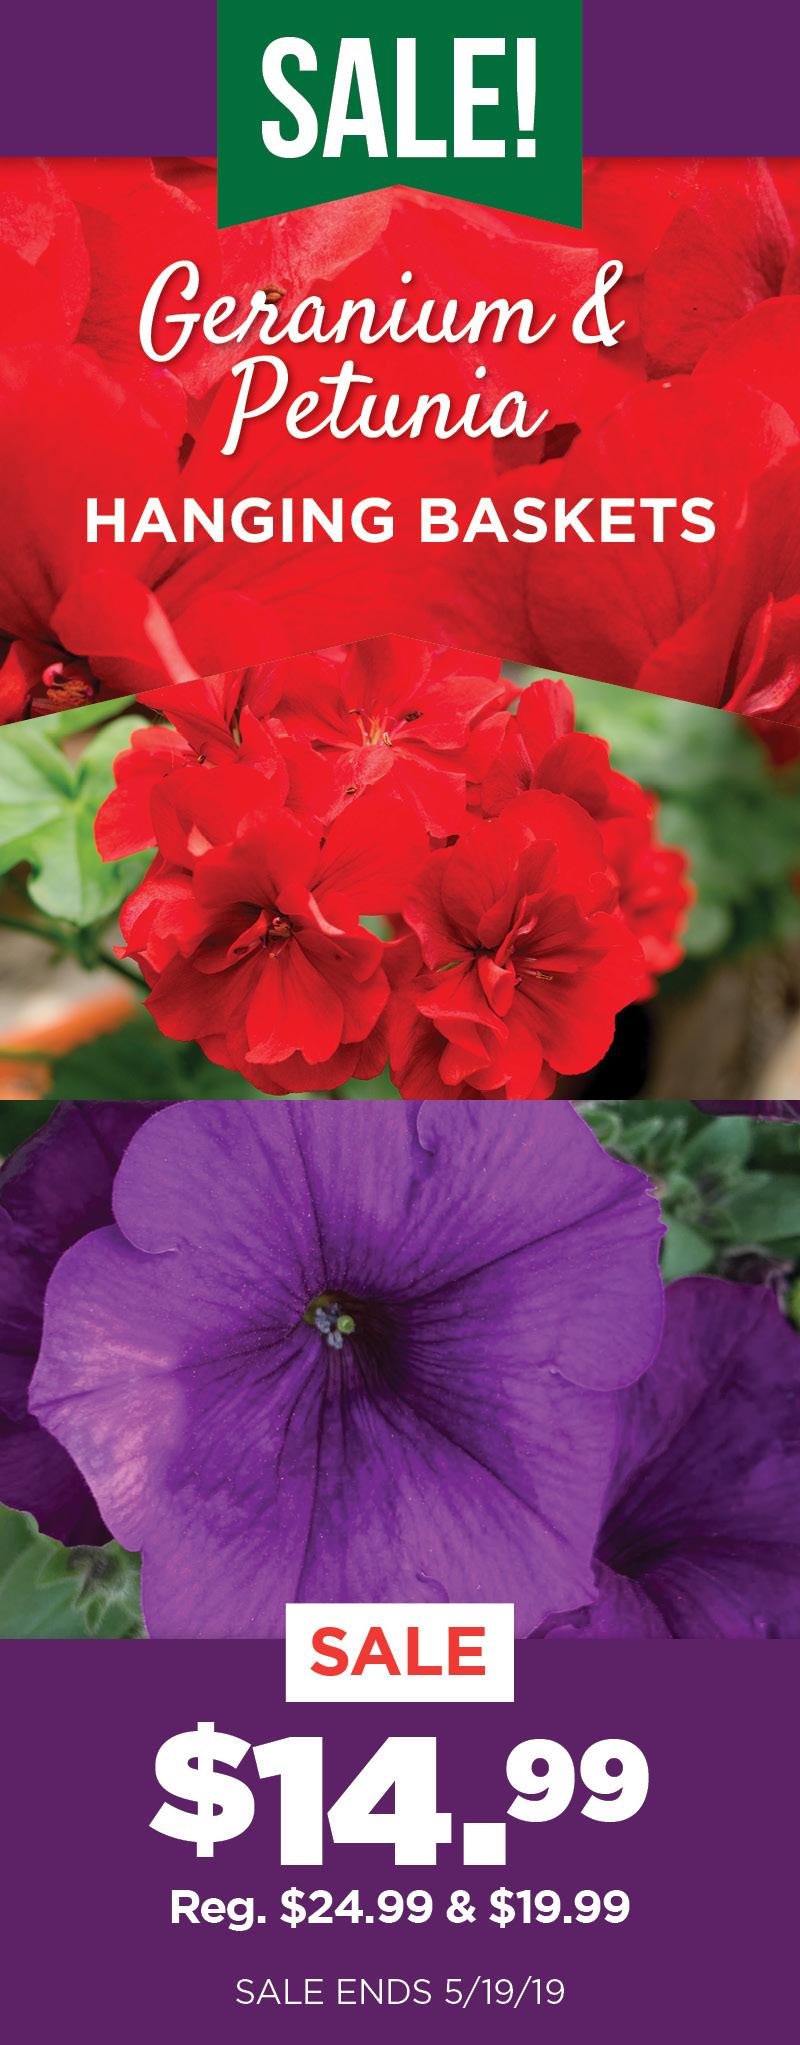 Geranium and Petunia Sale